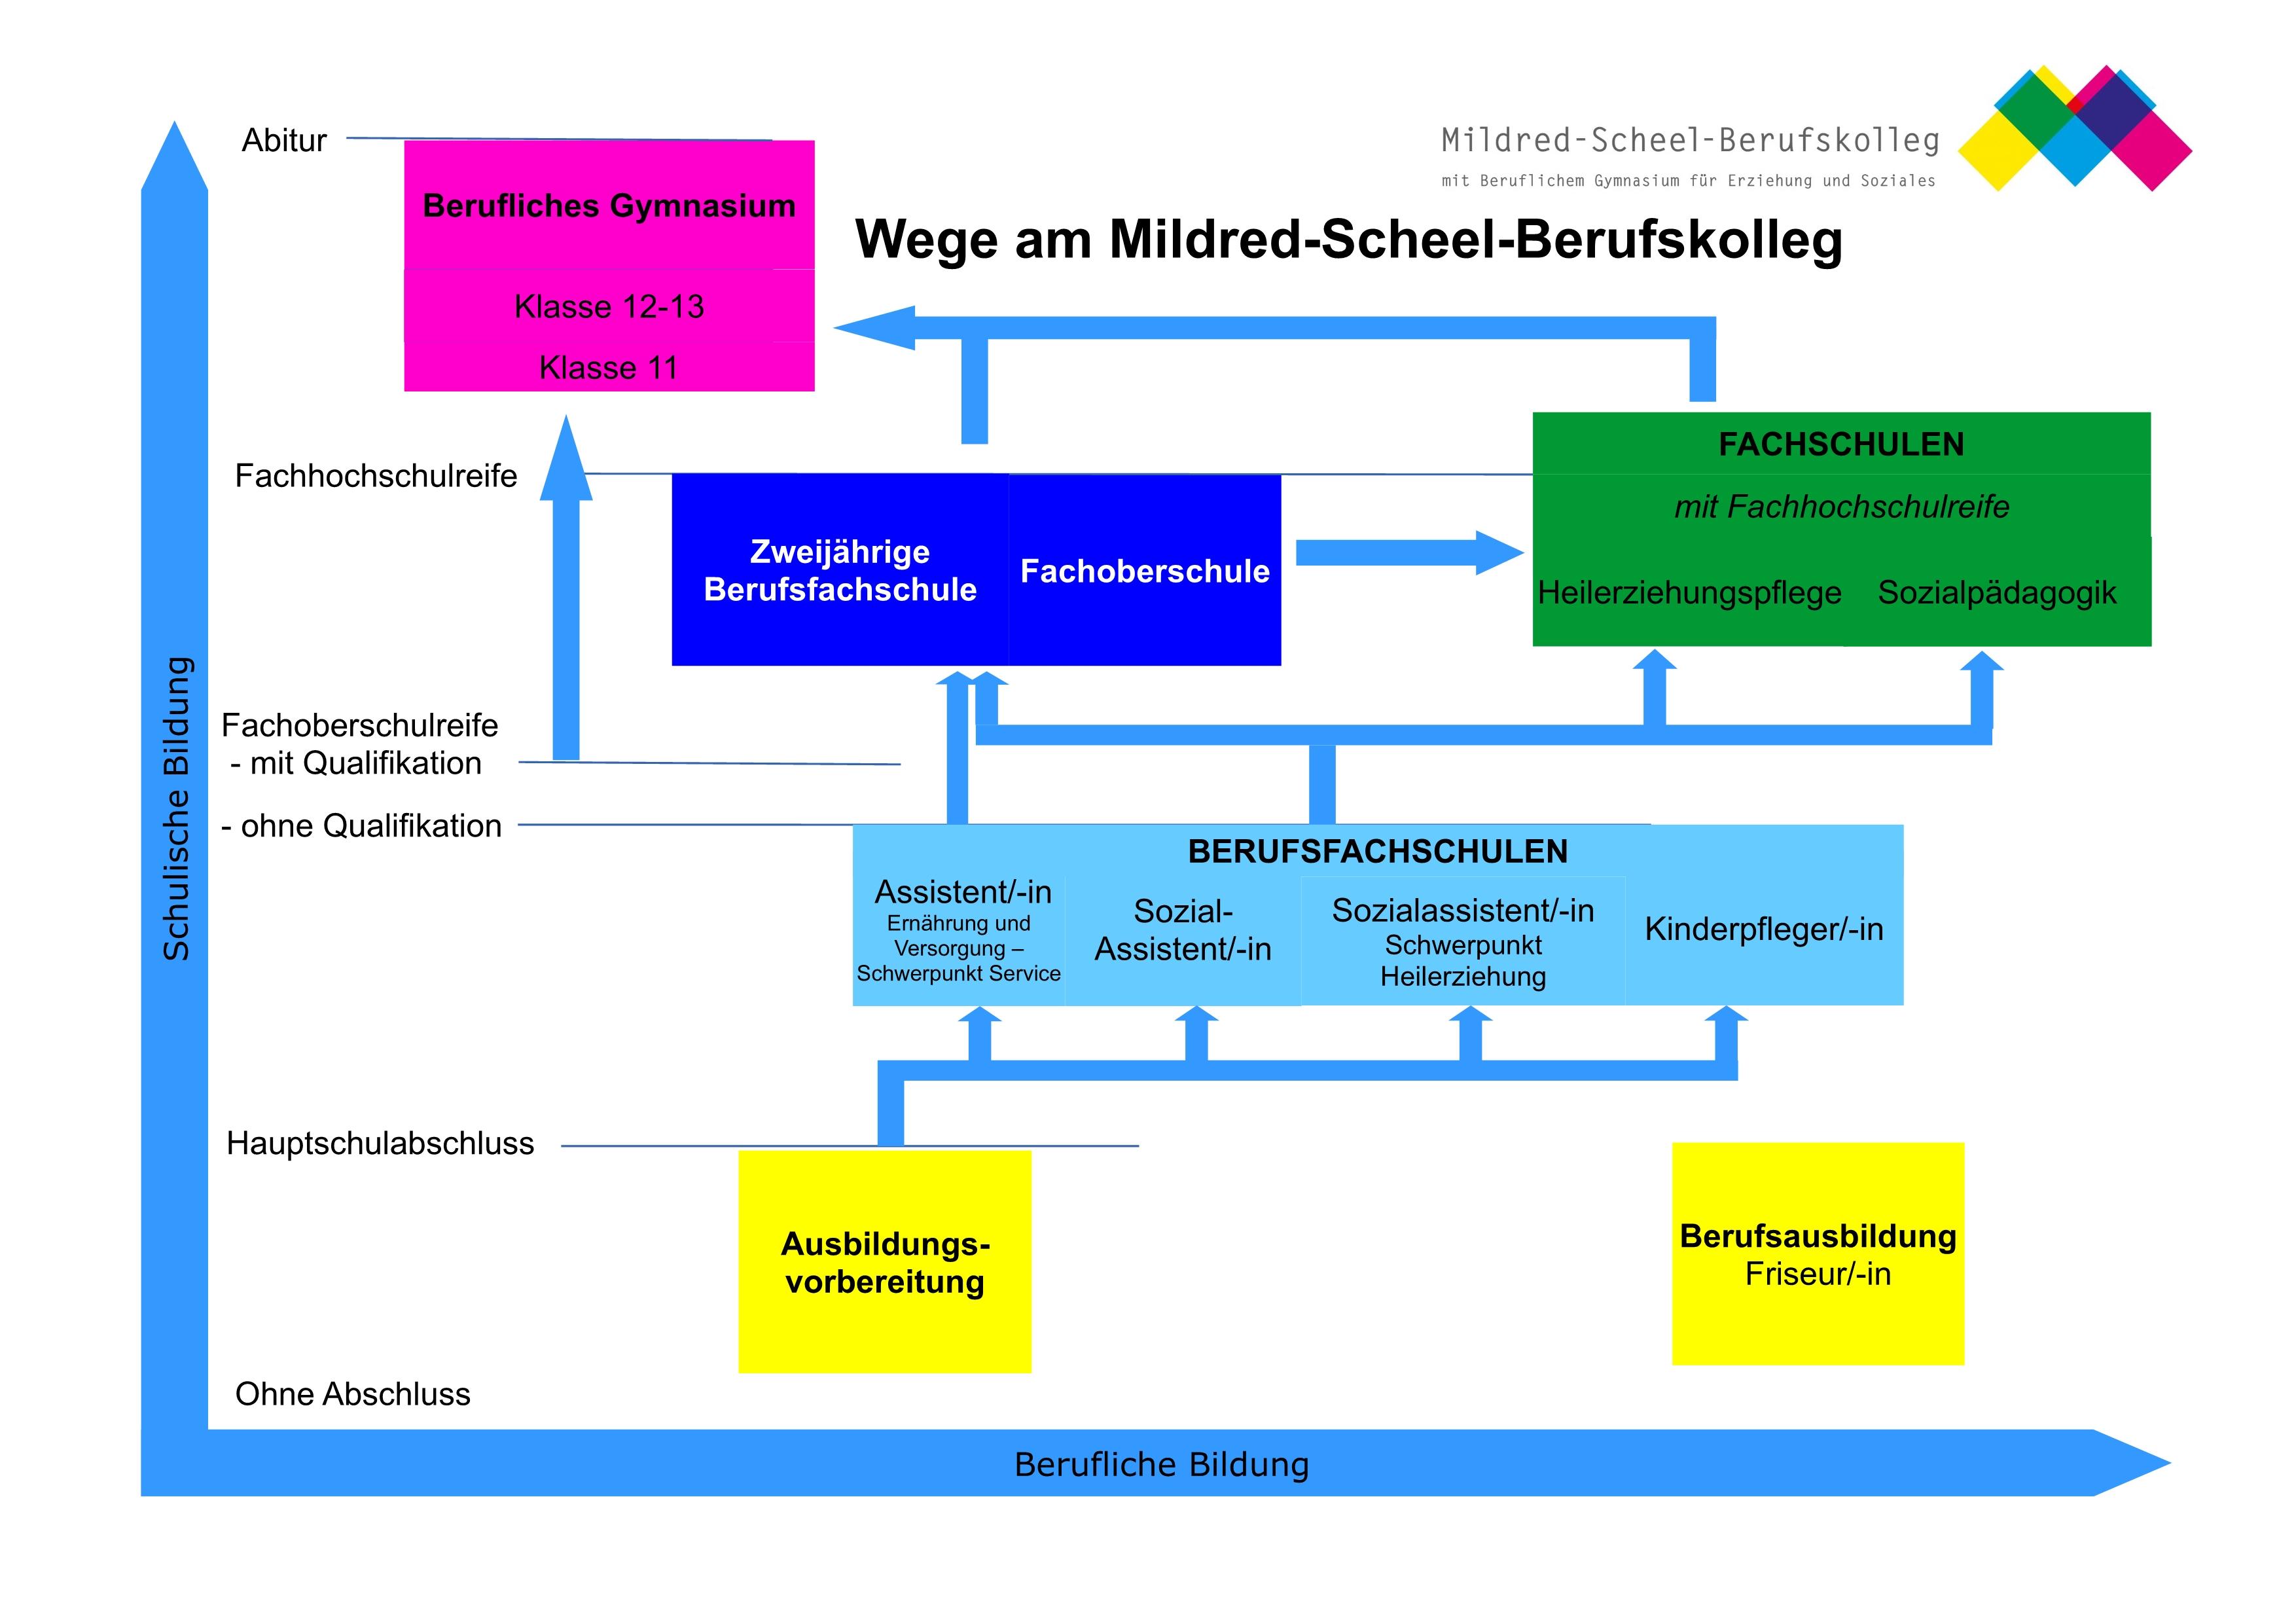 Wege am Mildred-Scheel-Berufskolleg